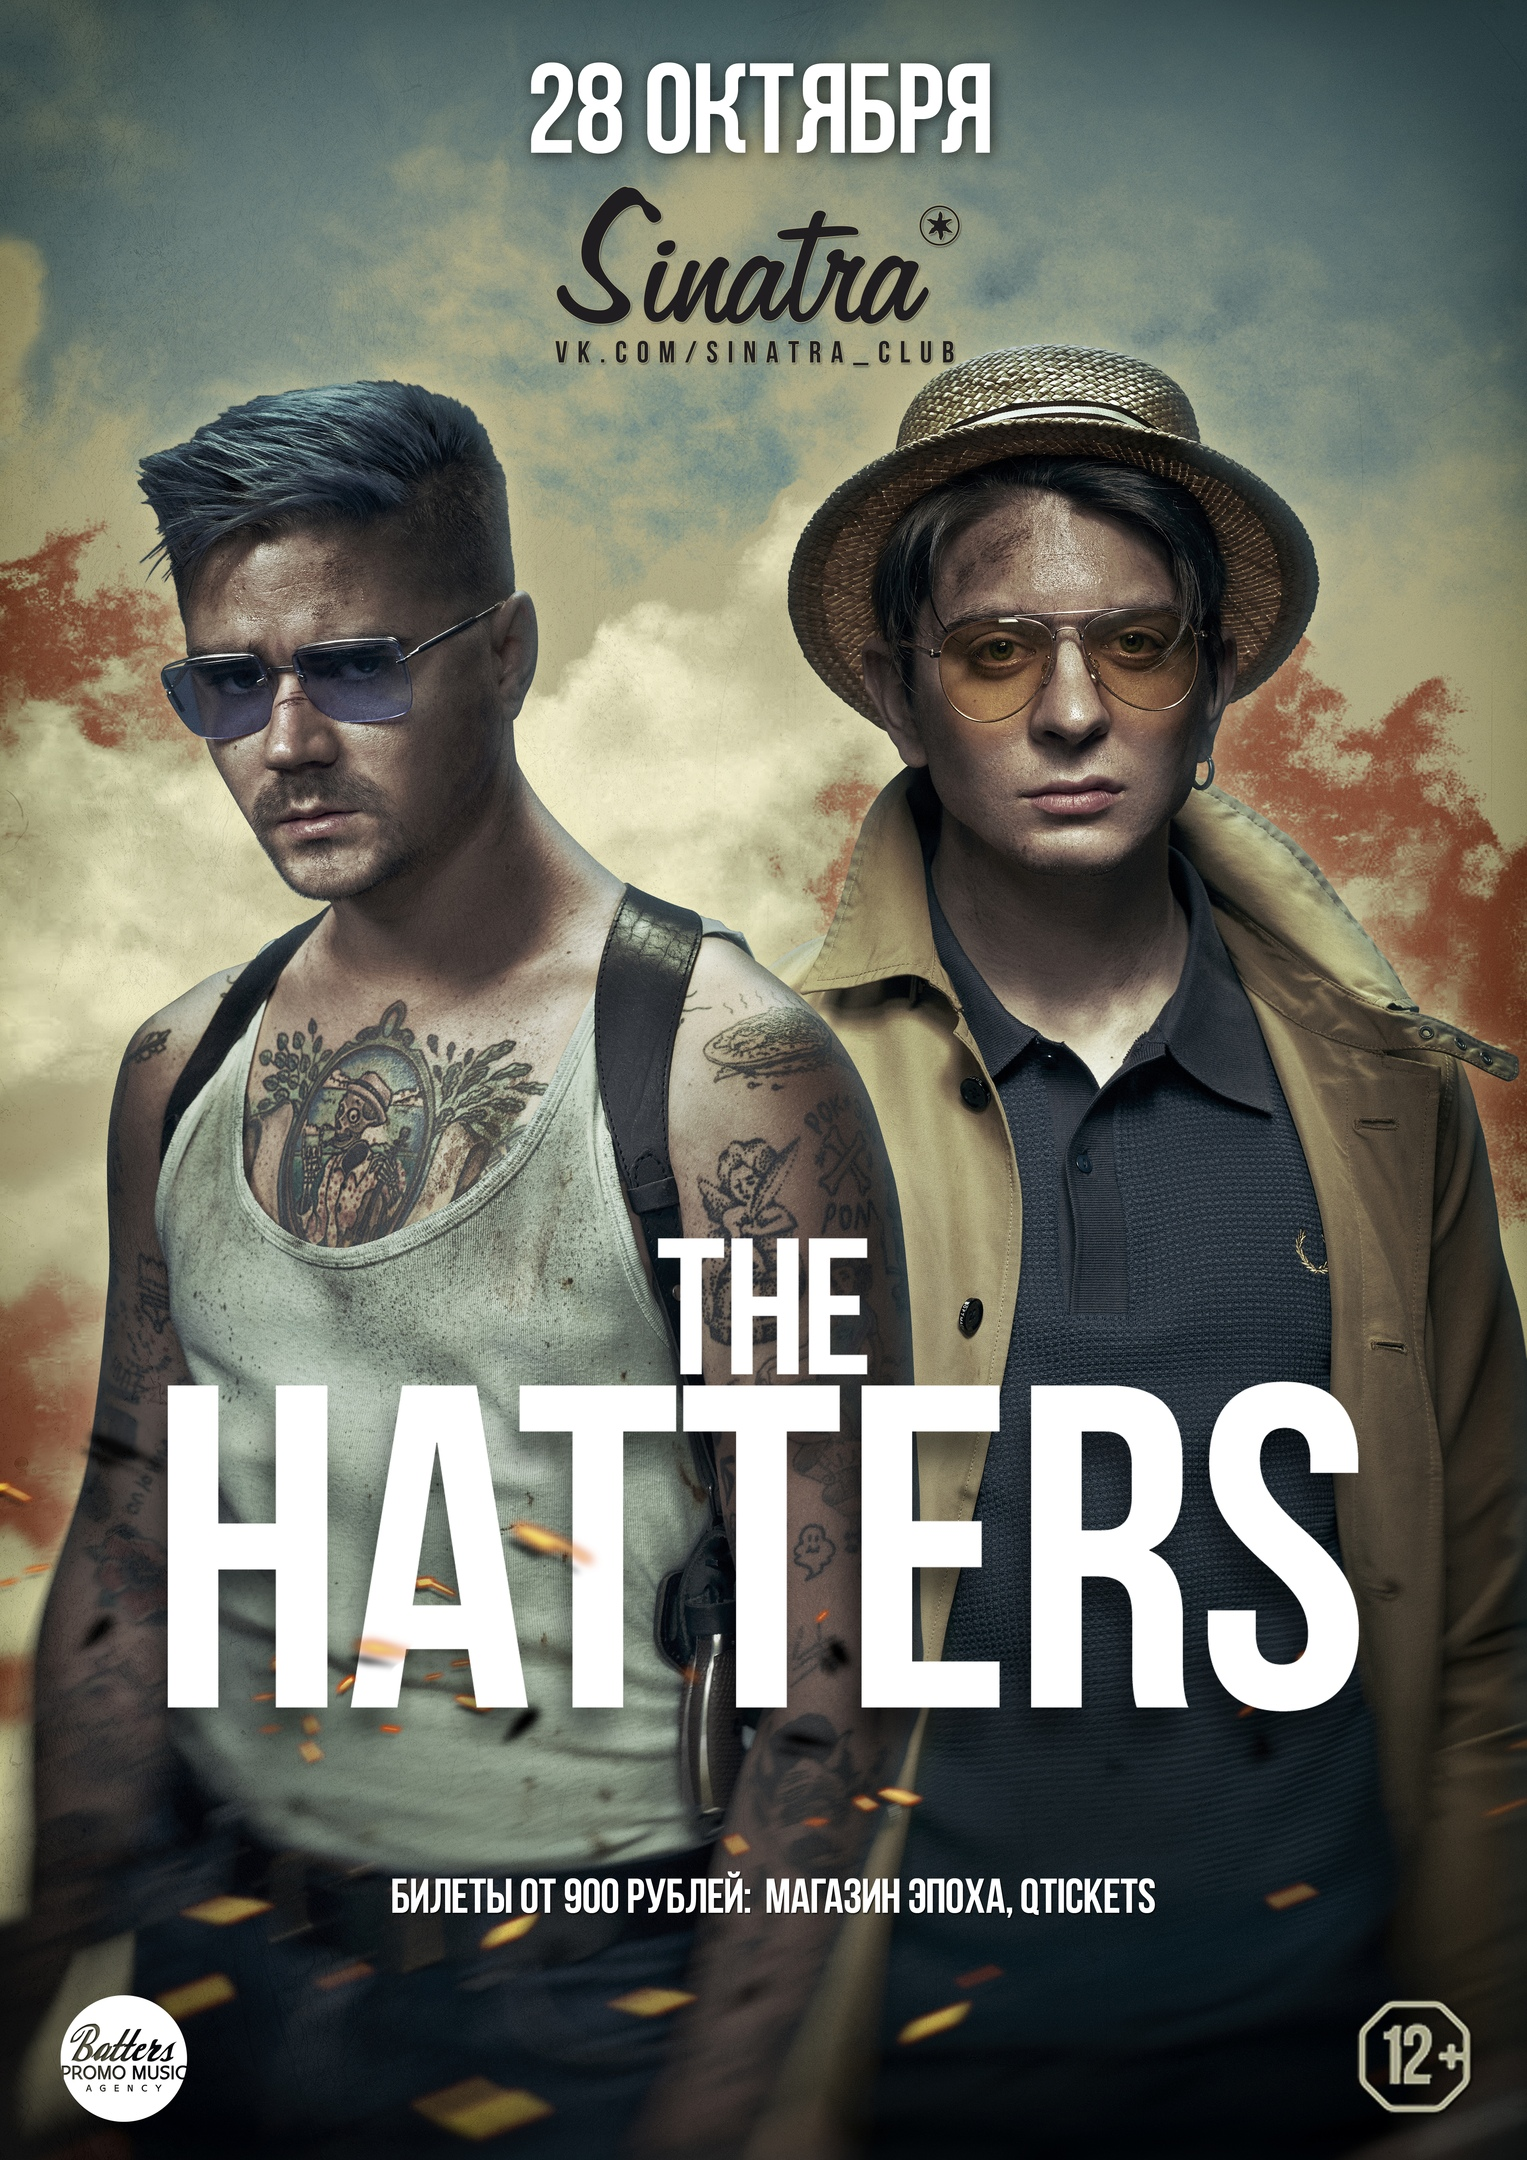 Группа «The Hatters». Клуб Sinatra